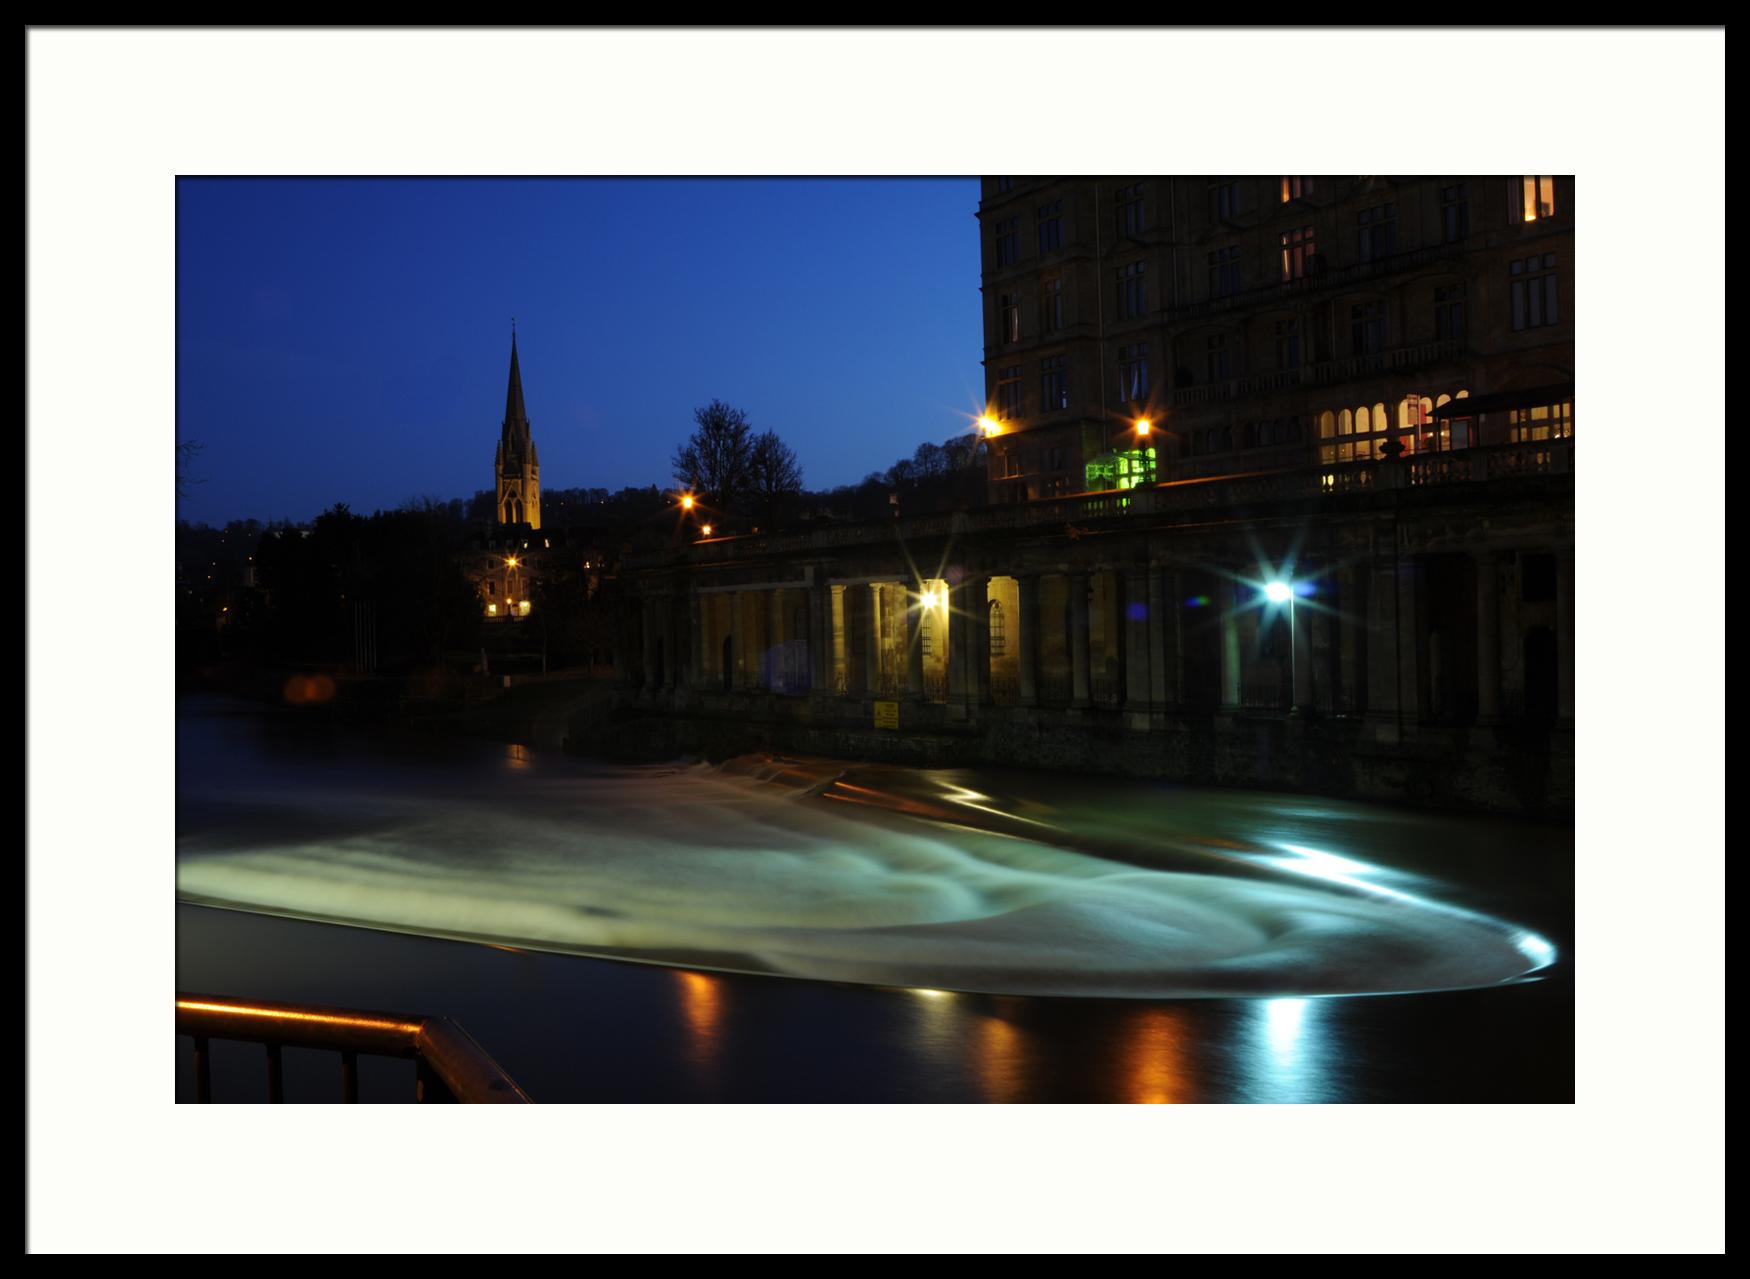 Bath Spa Scitt